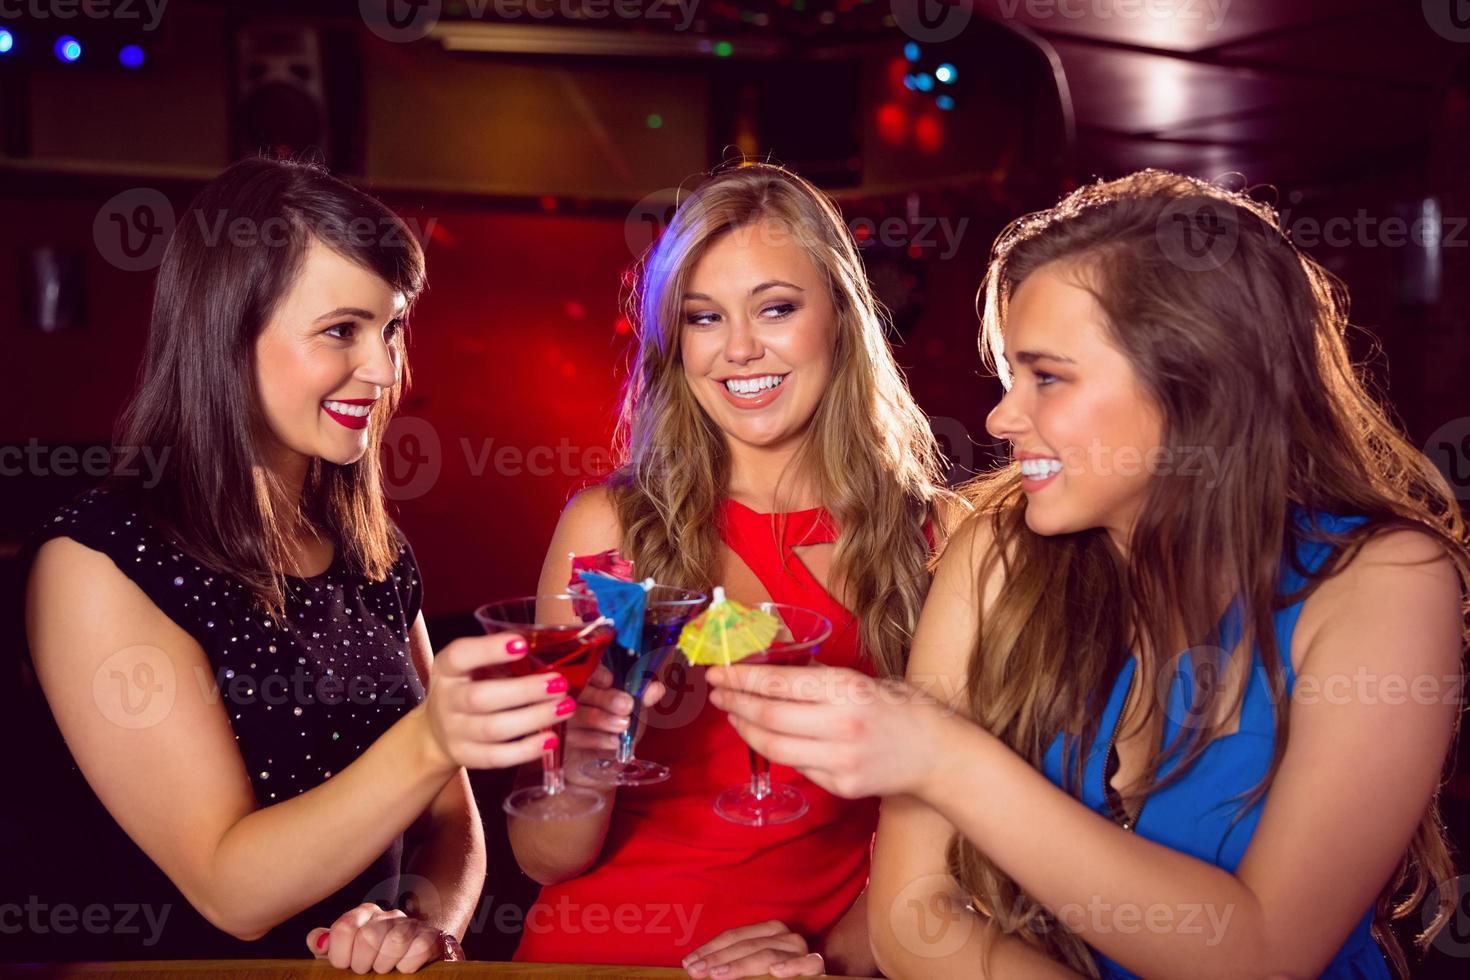 vackra vänner som dricker cocktails tillsammans foto